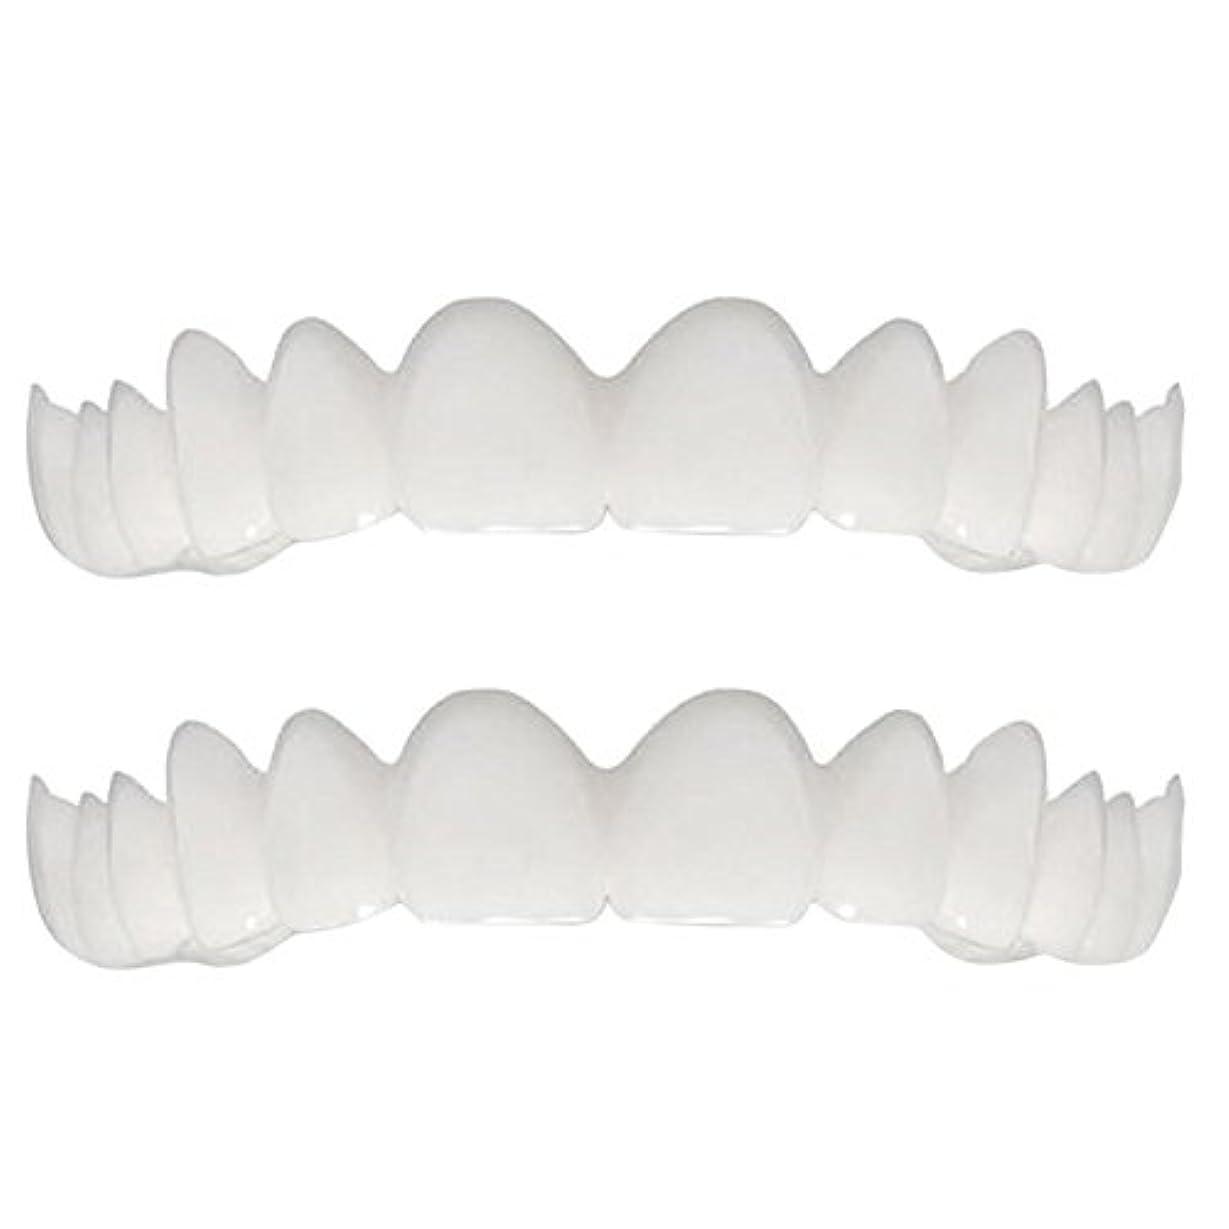 首相土曜日騒乱柔らかい歯の総義歯と合うシリコーンのシミュレーションの上下の総義歯(5セット),Opp